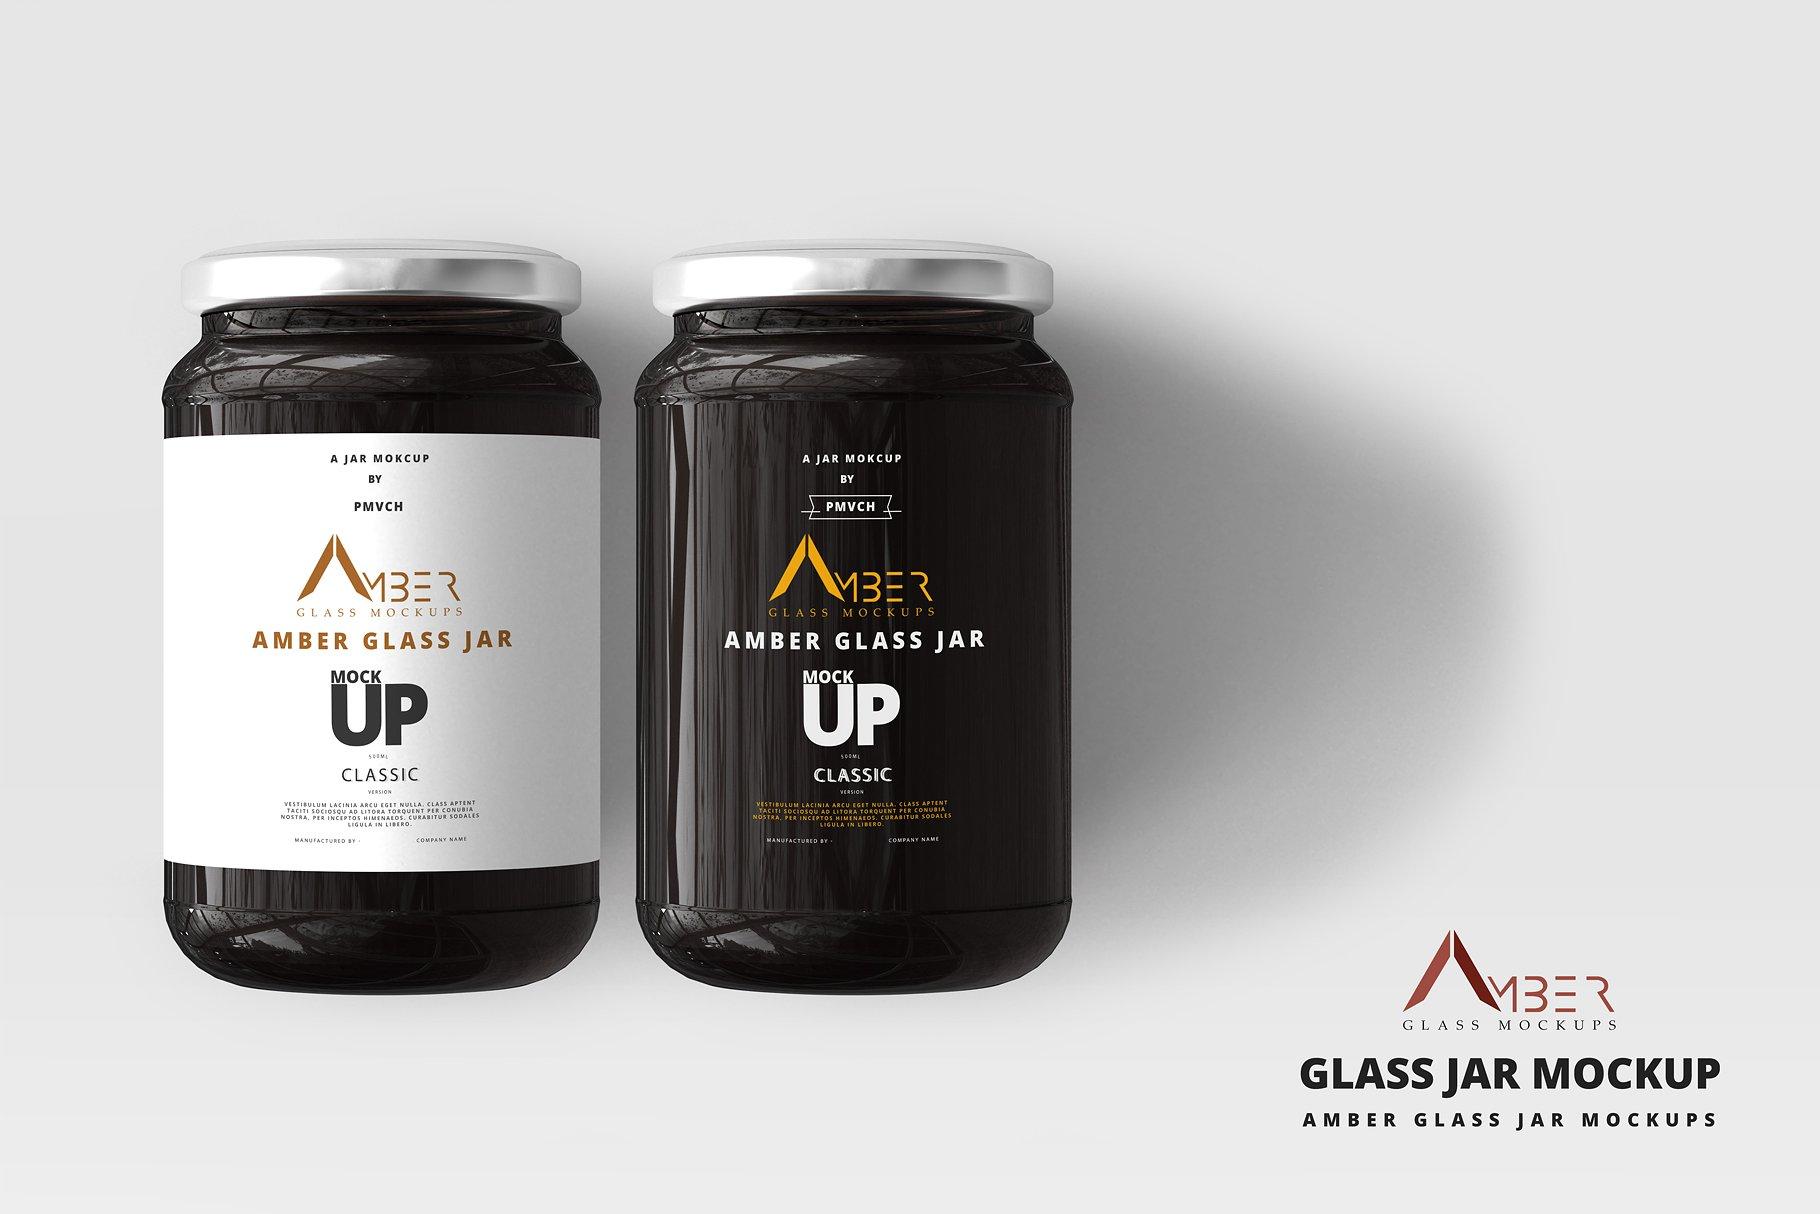 蜂蜜罐头LOGO标签设计提案玻璃瓶展示样机PSD智能贴图模板 Amber Glass Jar Mockup